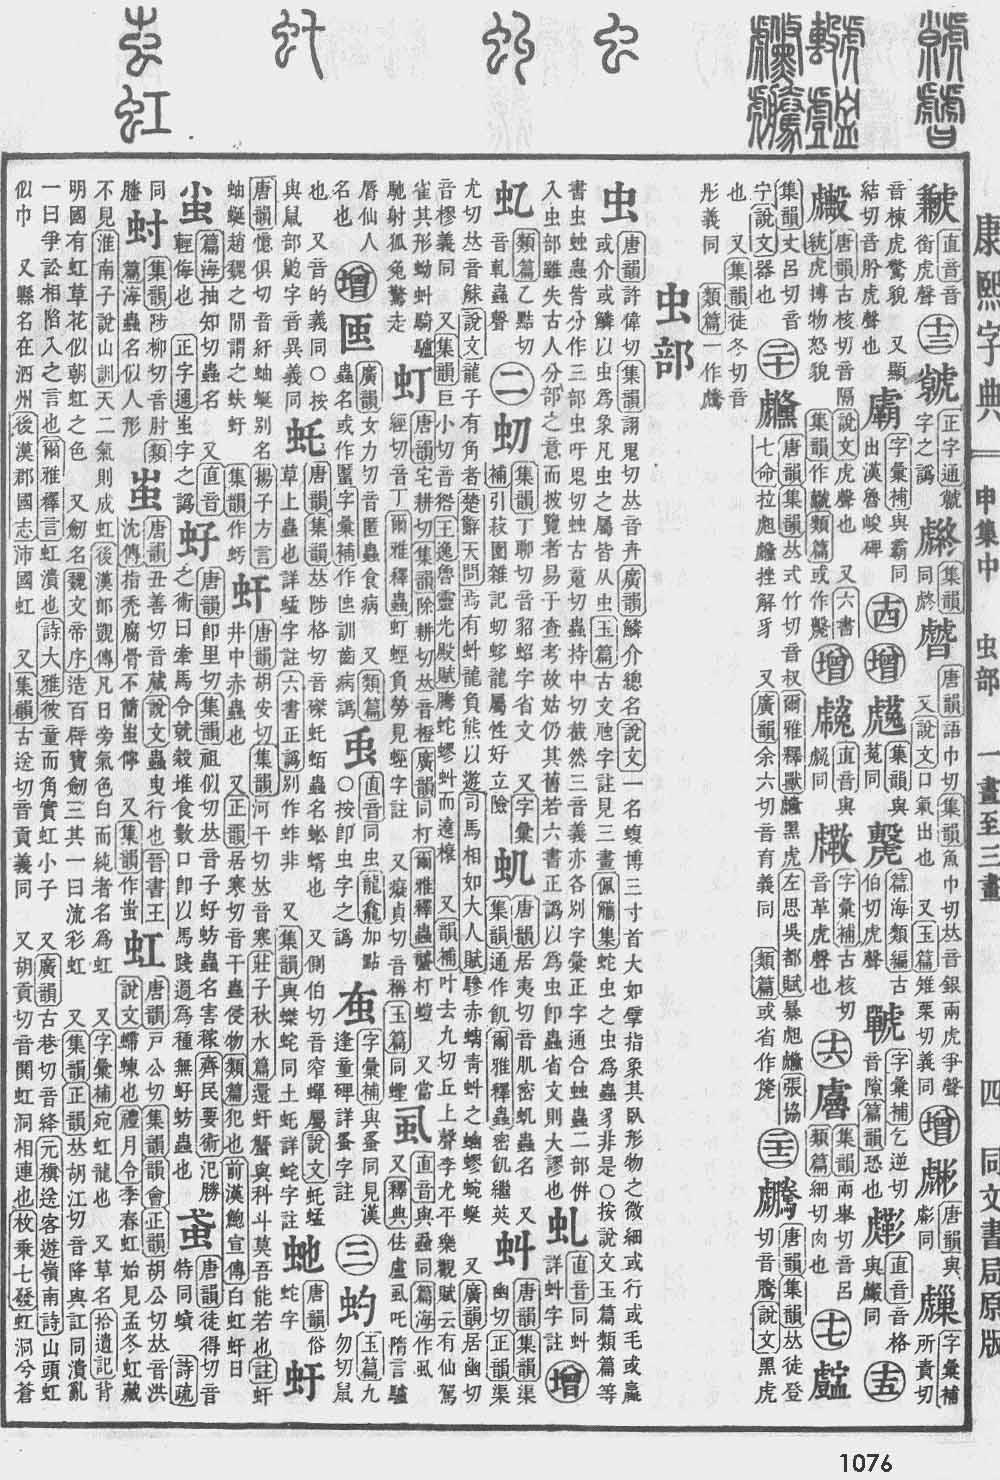 《康熙字典》第1076页